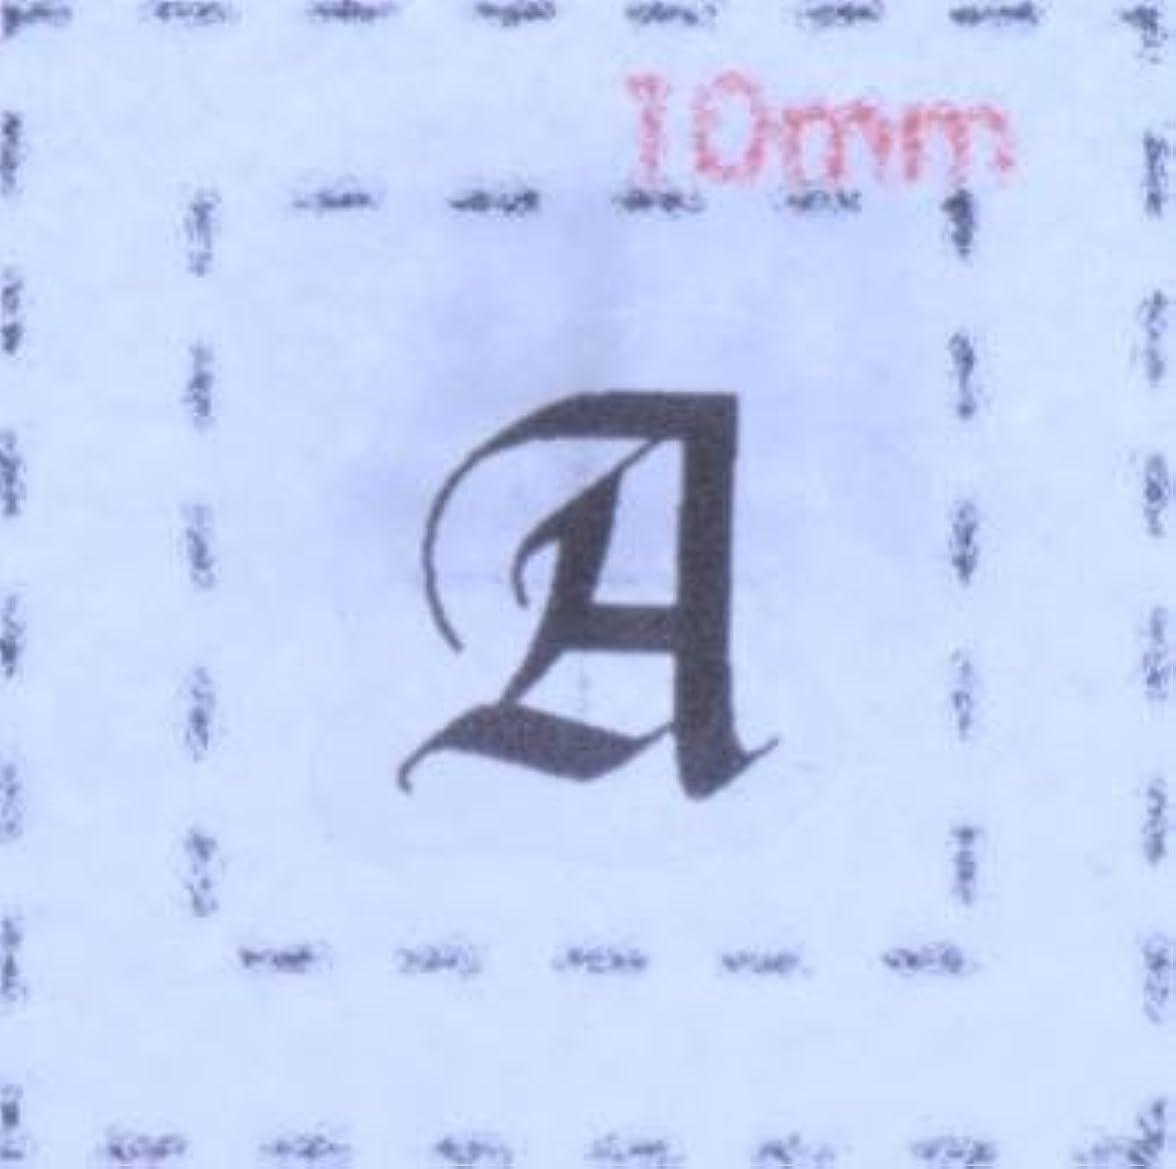 セットする開拓者地平線ネイルシール【アルファベット?イニシャル】大文字4 英字(A)9枚入